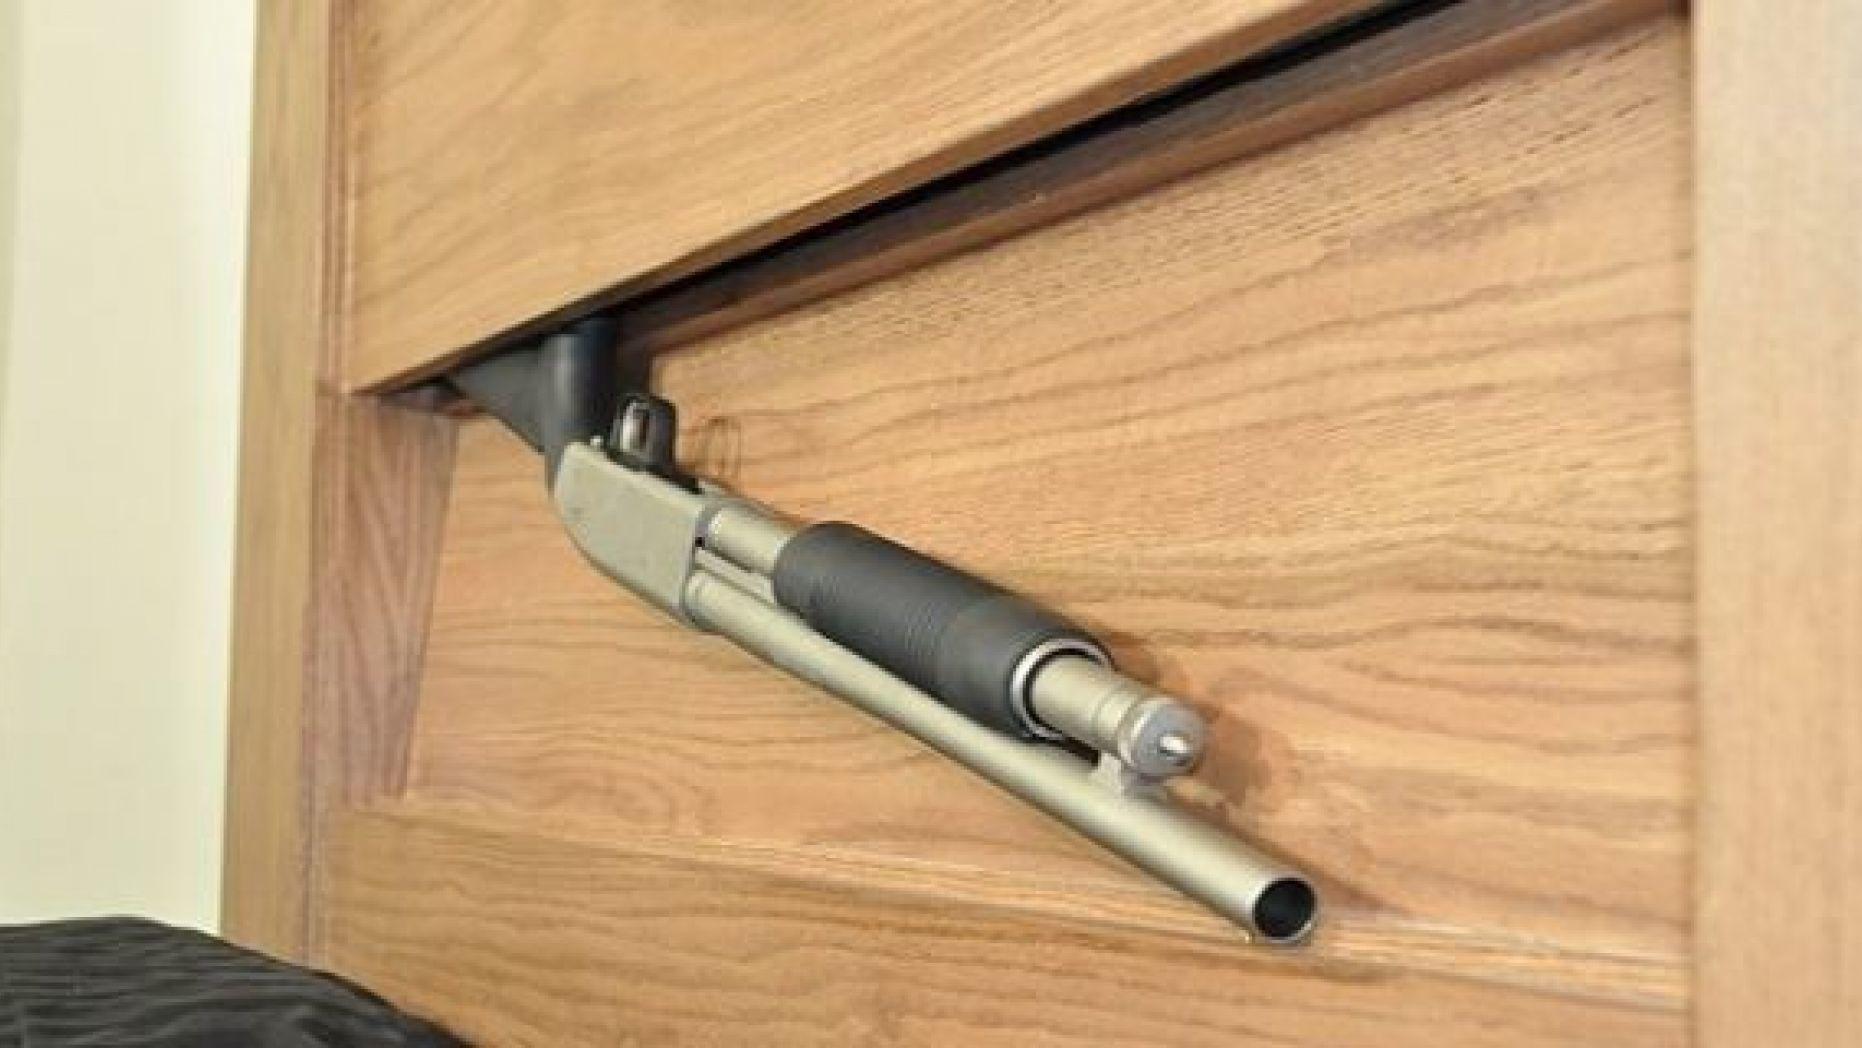 Pin On Hidden Gun